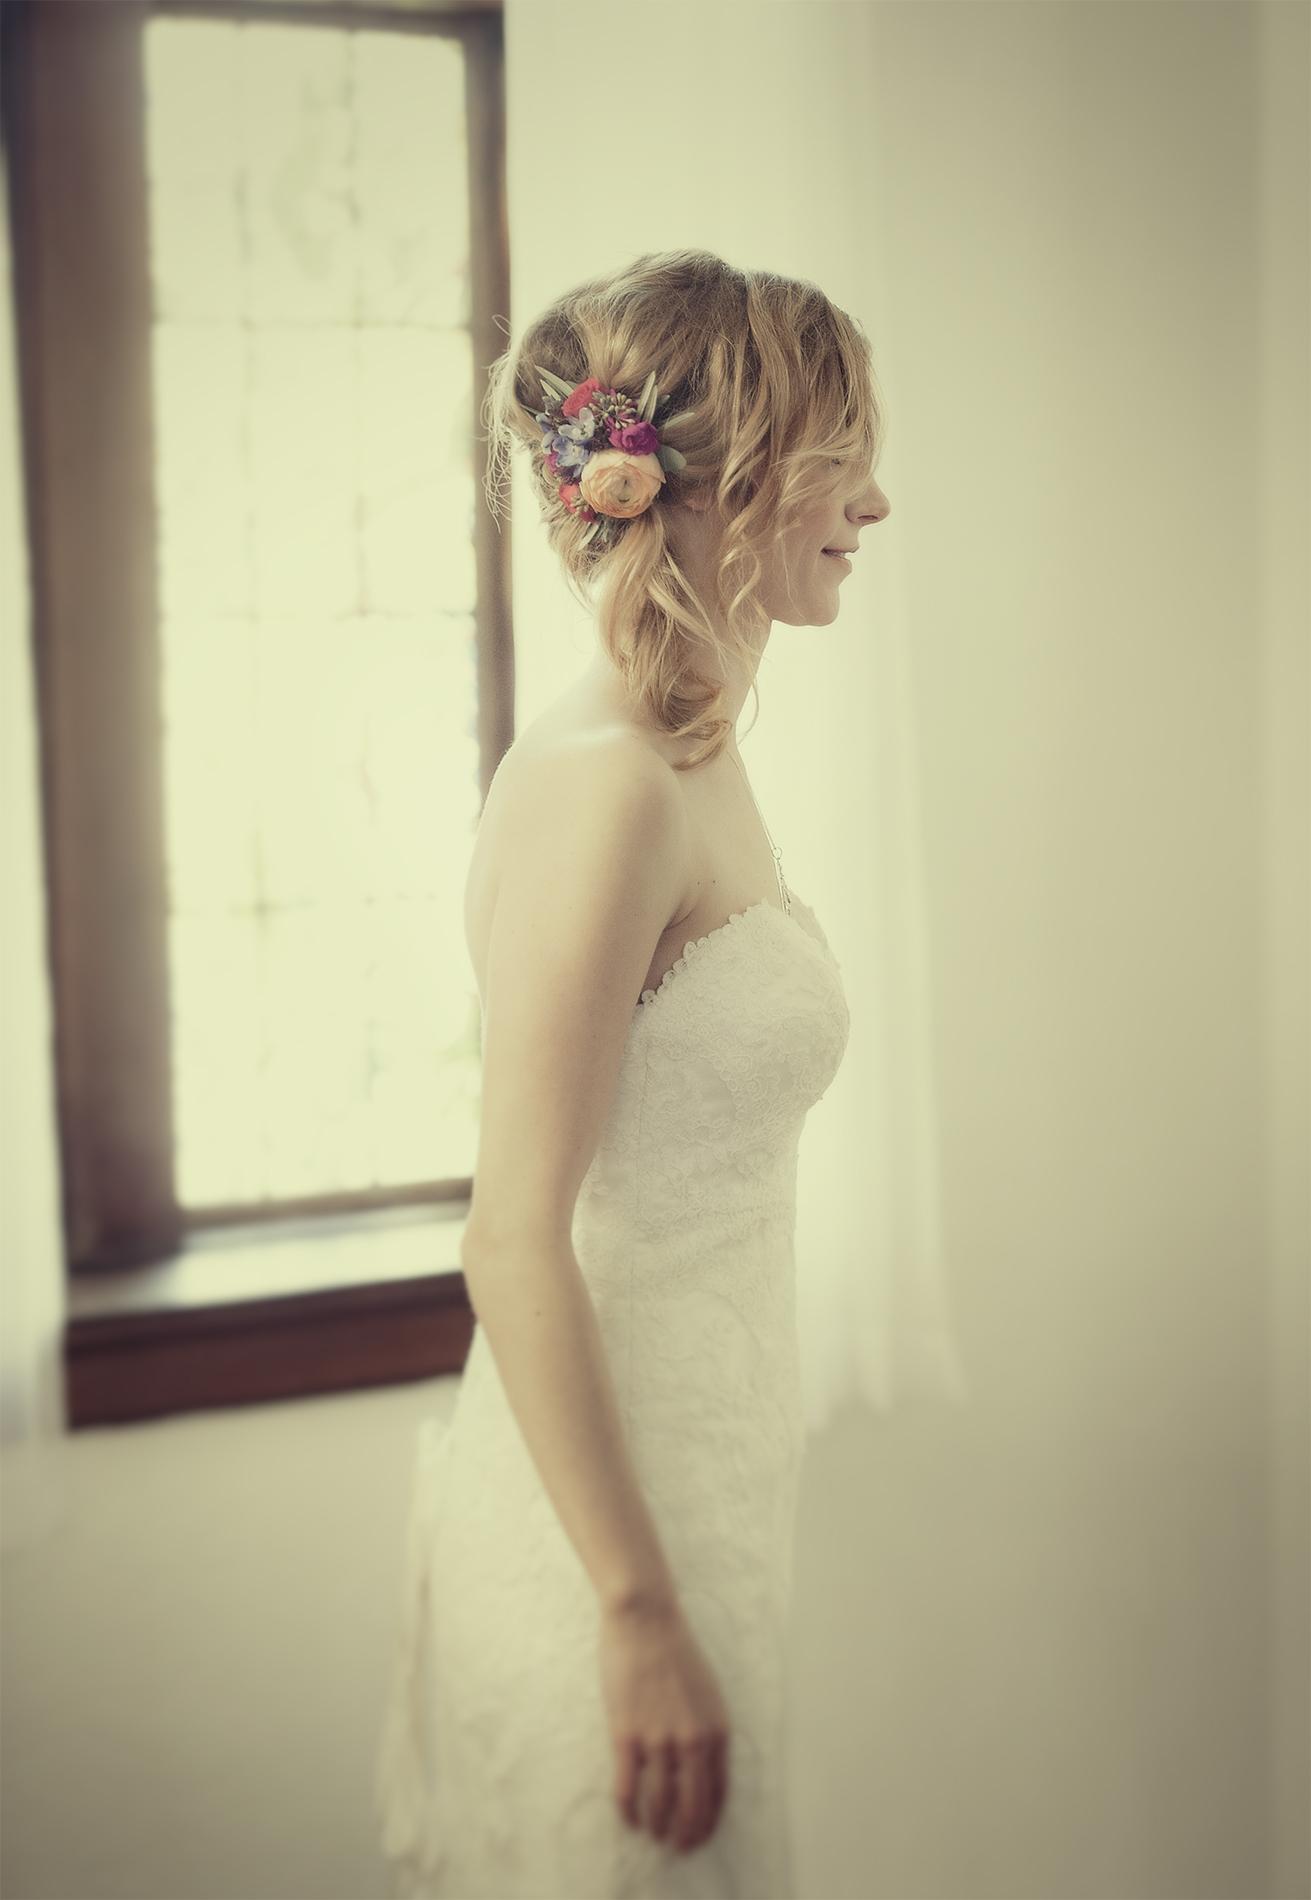 Bride looks into mirror. Beautiful bride